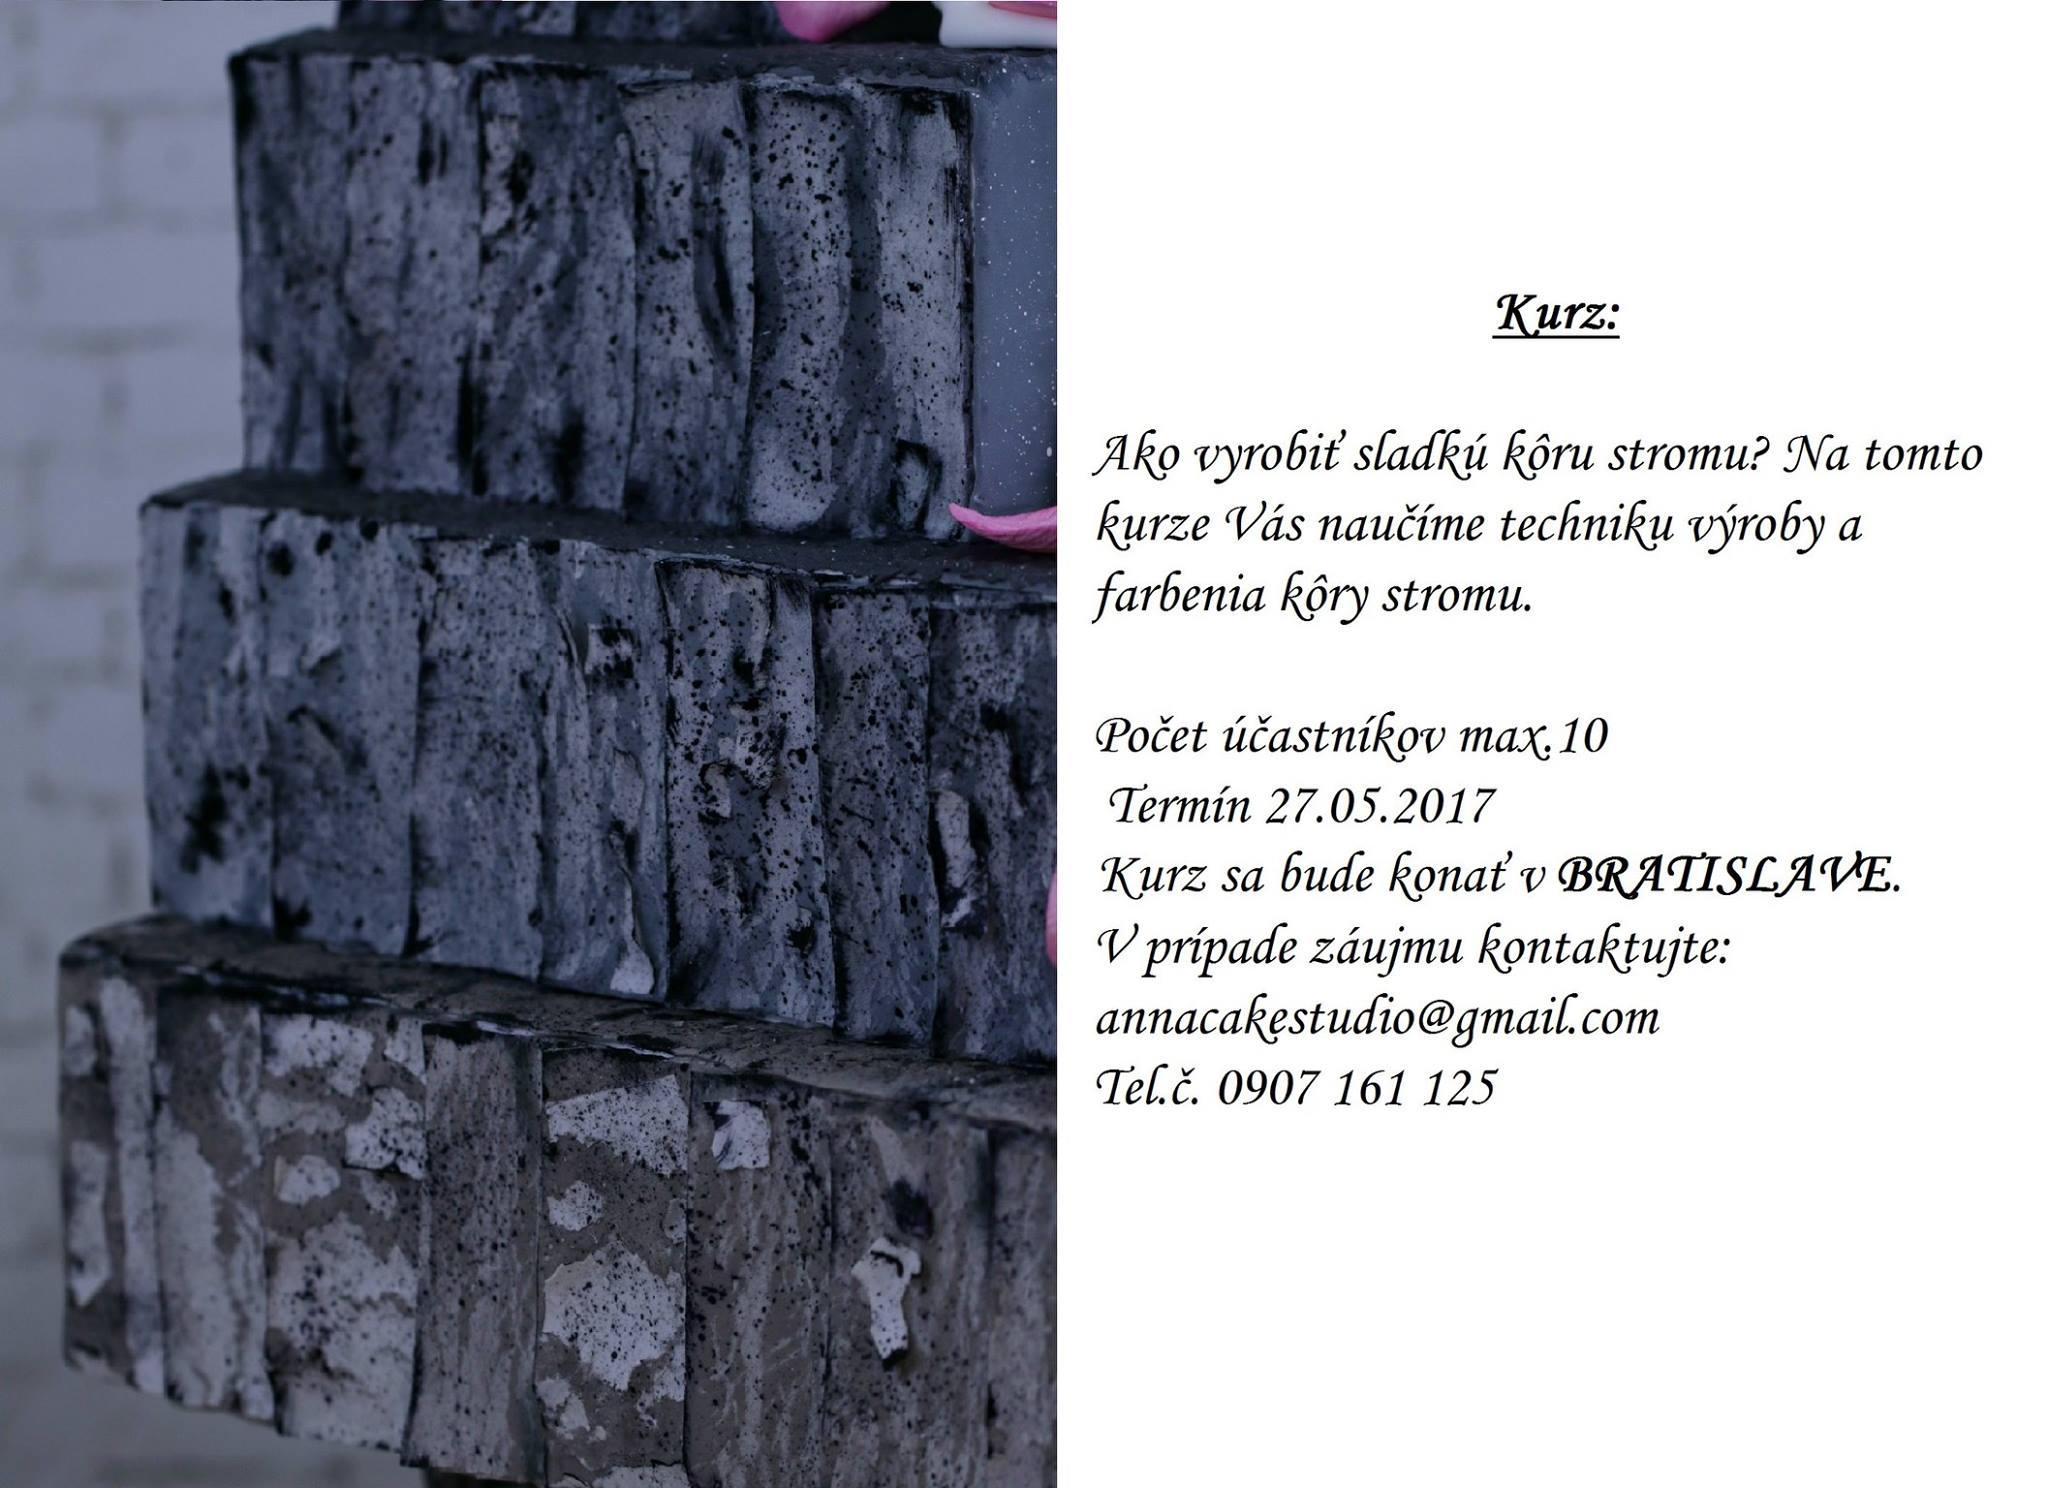 KURZ-kora stromu torta 7853b8e882e